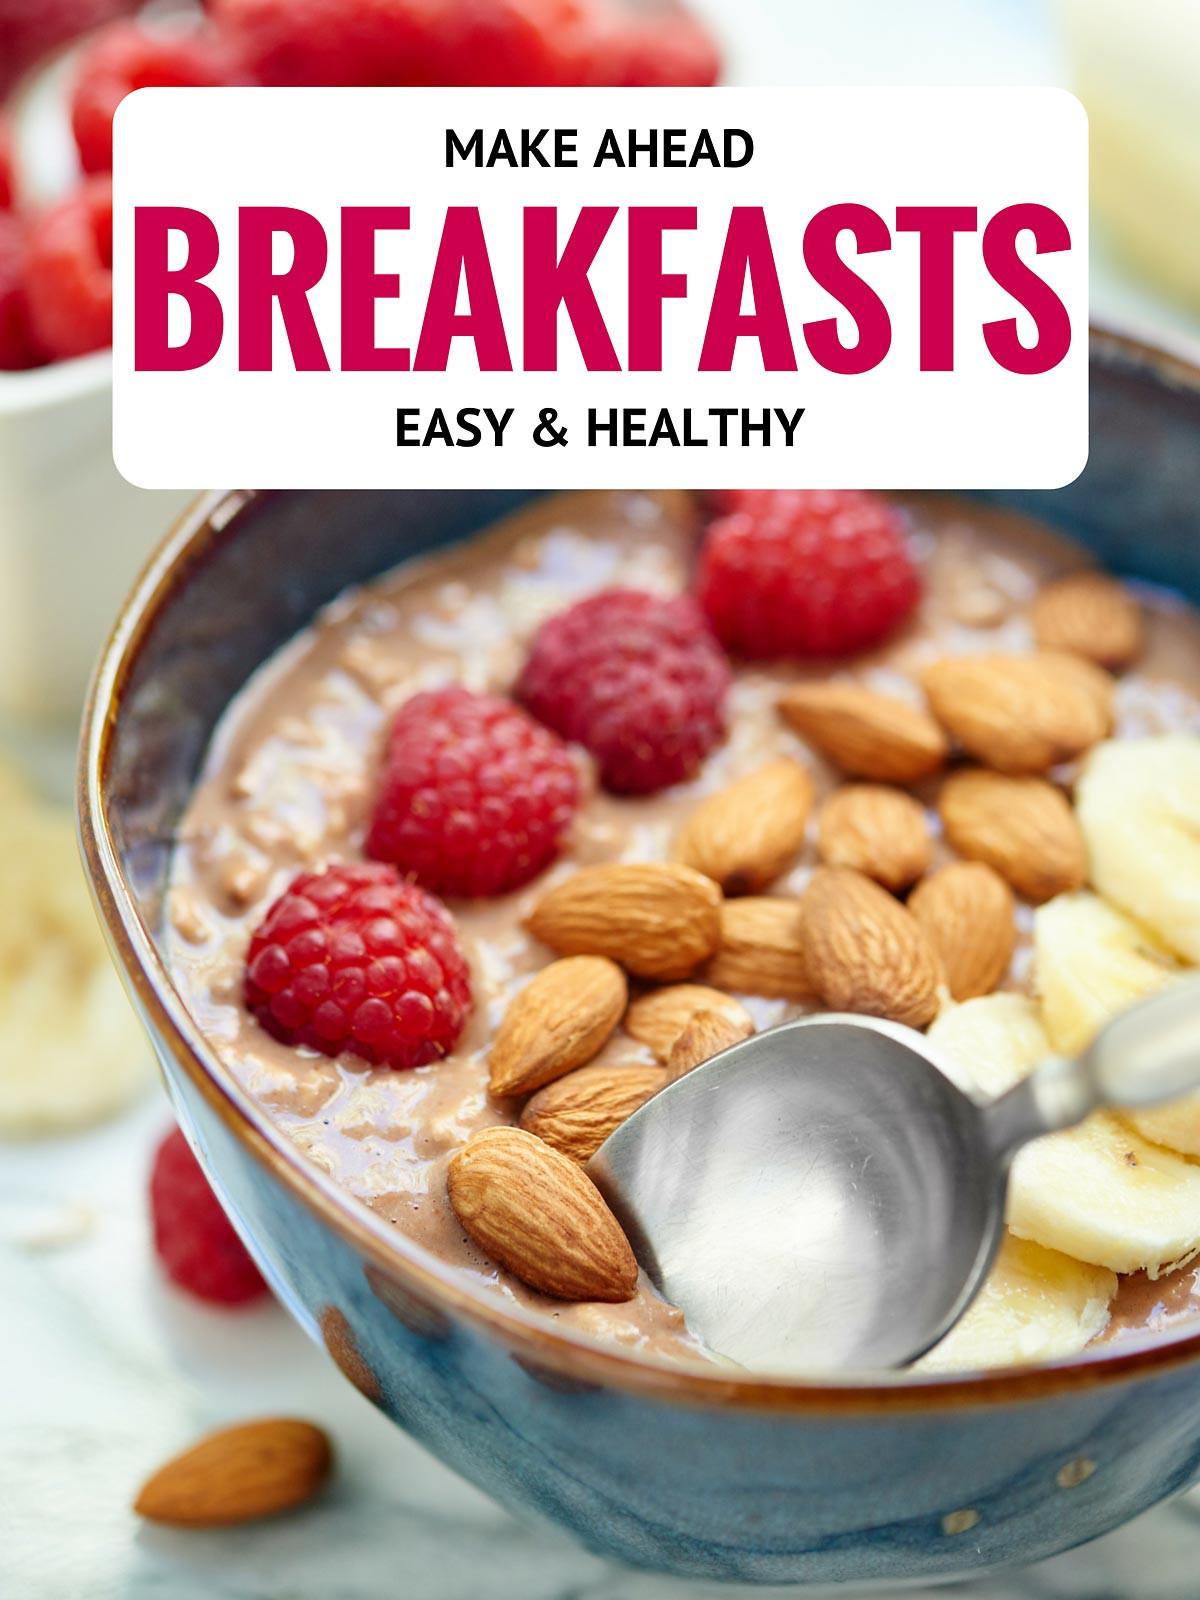 Healthy Breakfast Easy  sweet healthy breakfast recipes